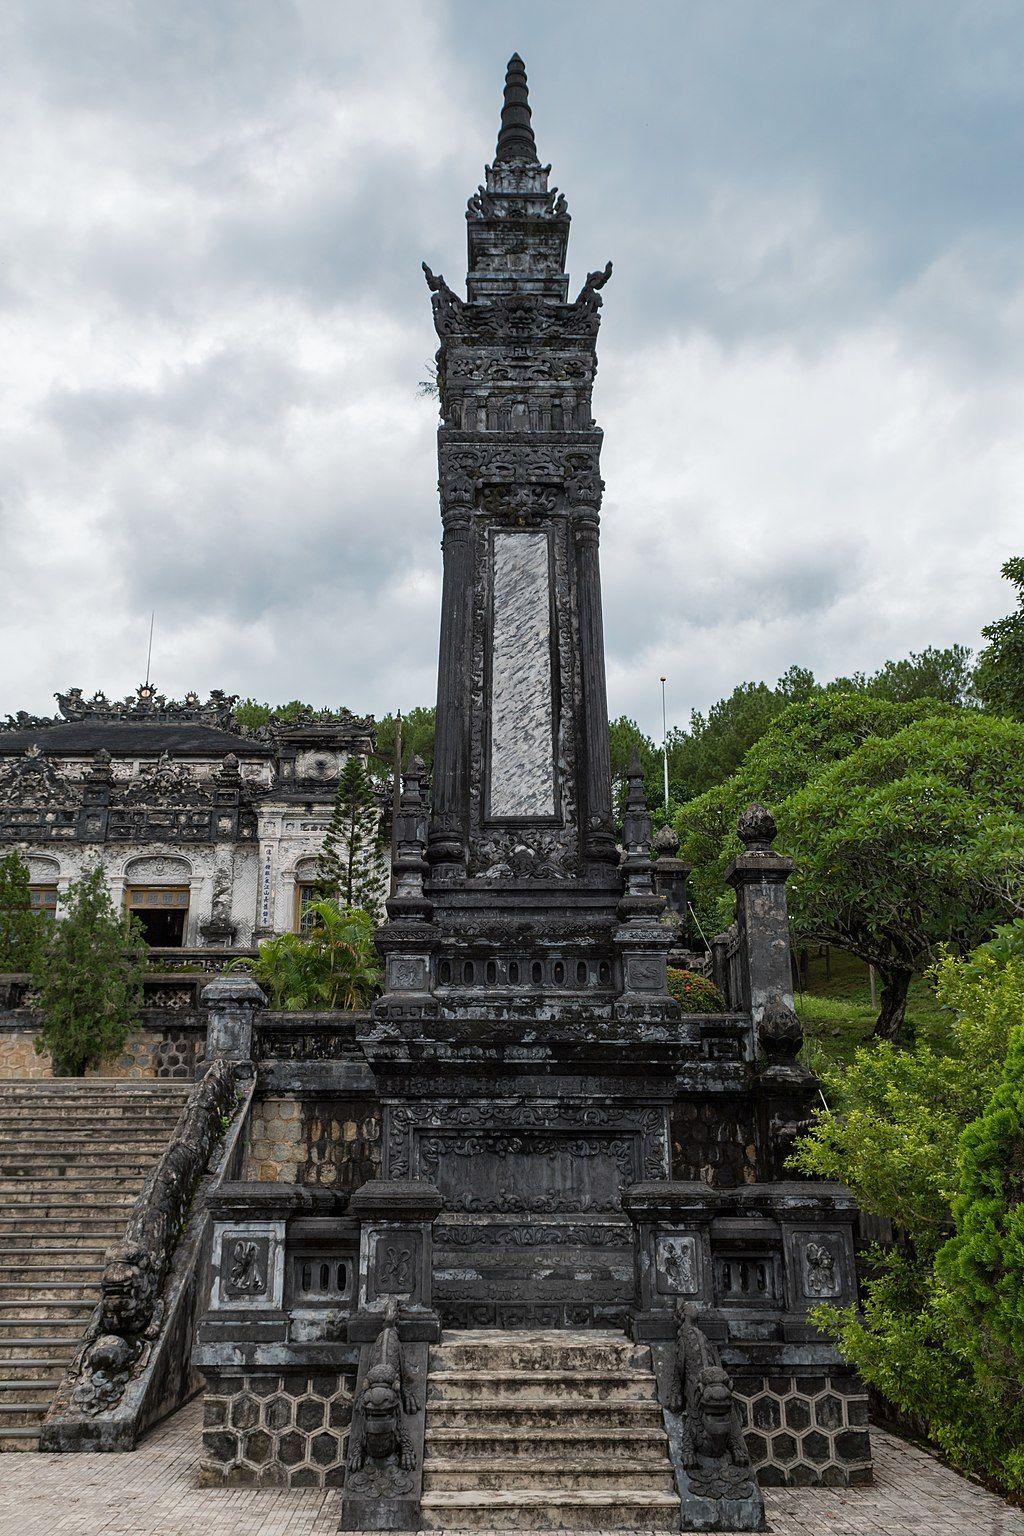 View of Khải Định